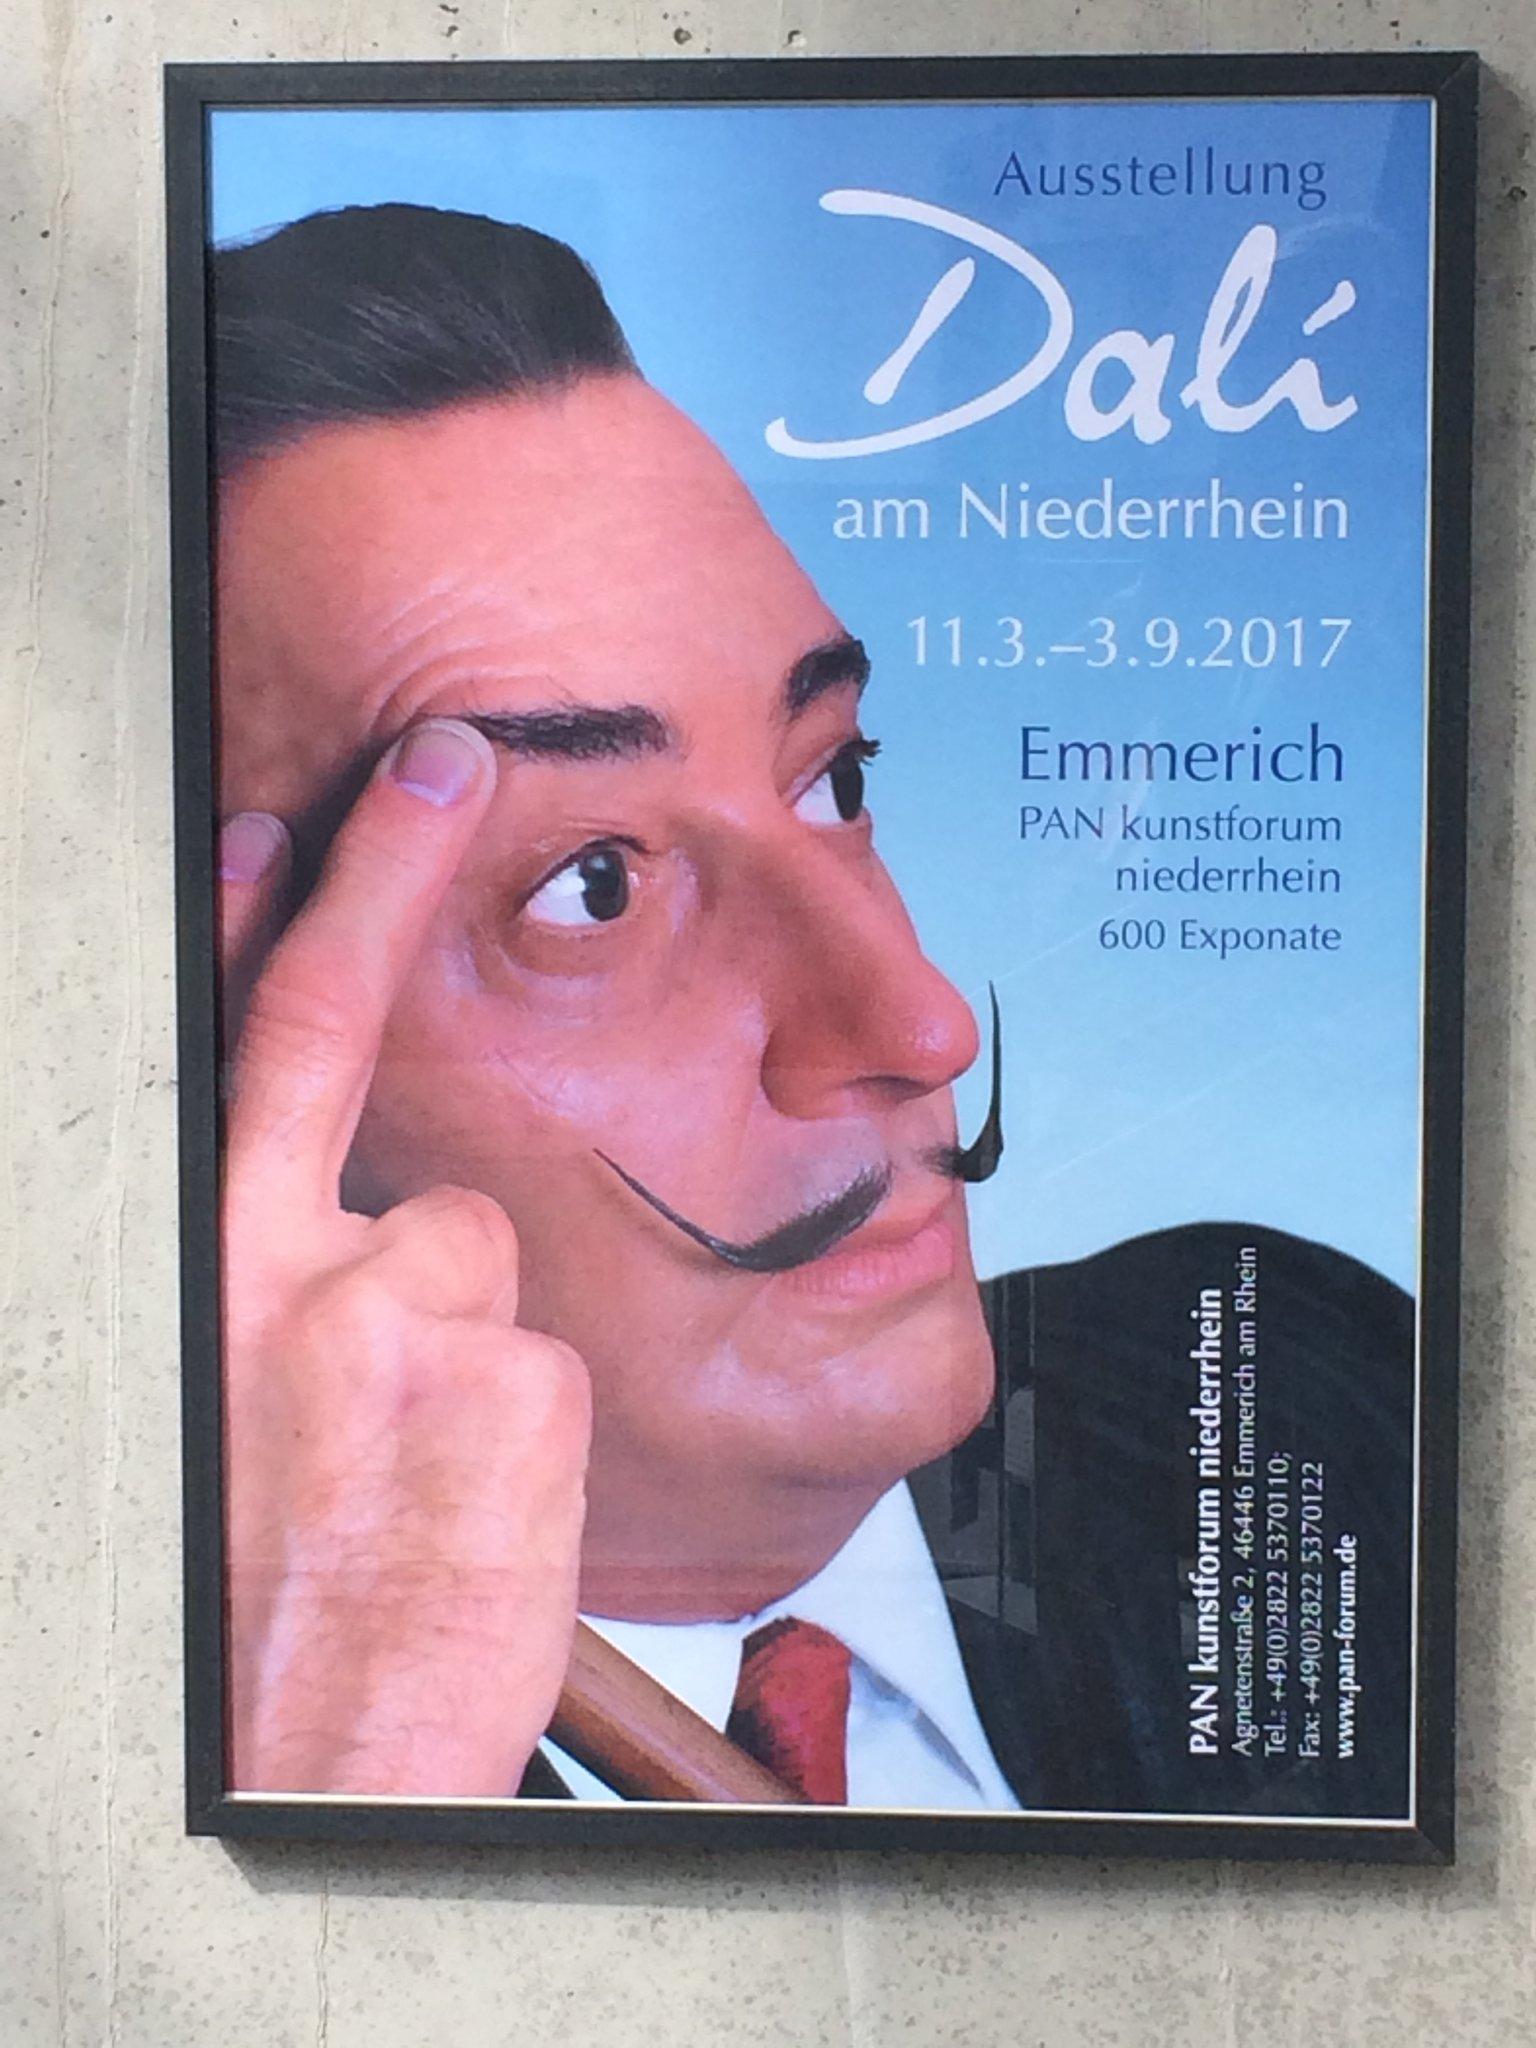 Dali Ausstellung Emmerich Ein Besuch Der Sich Lohnt Kleve